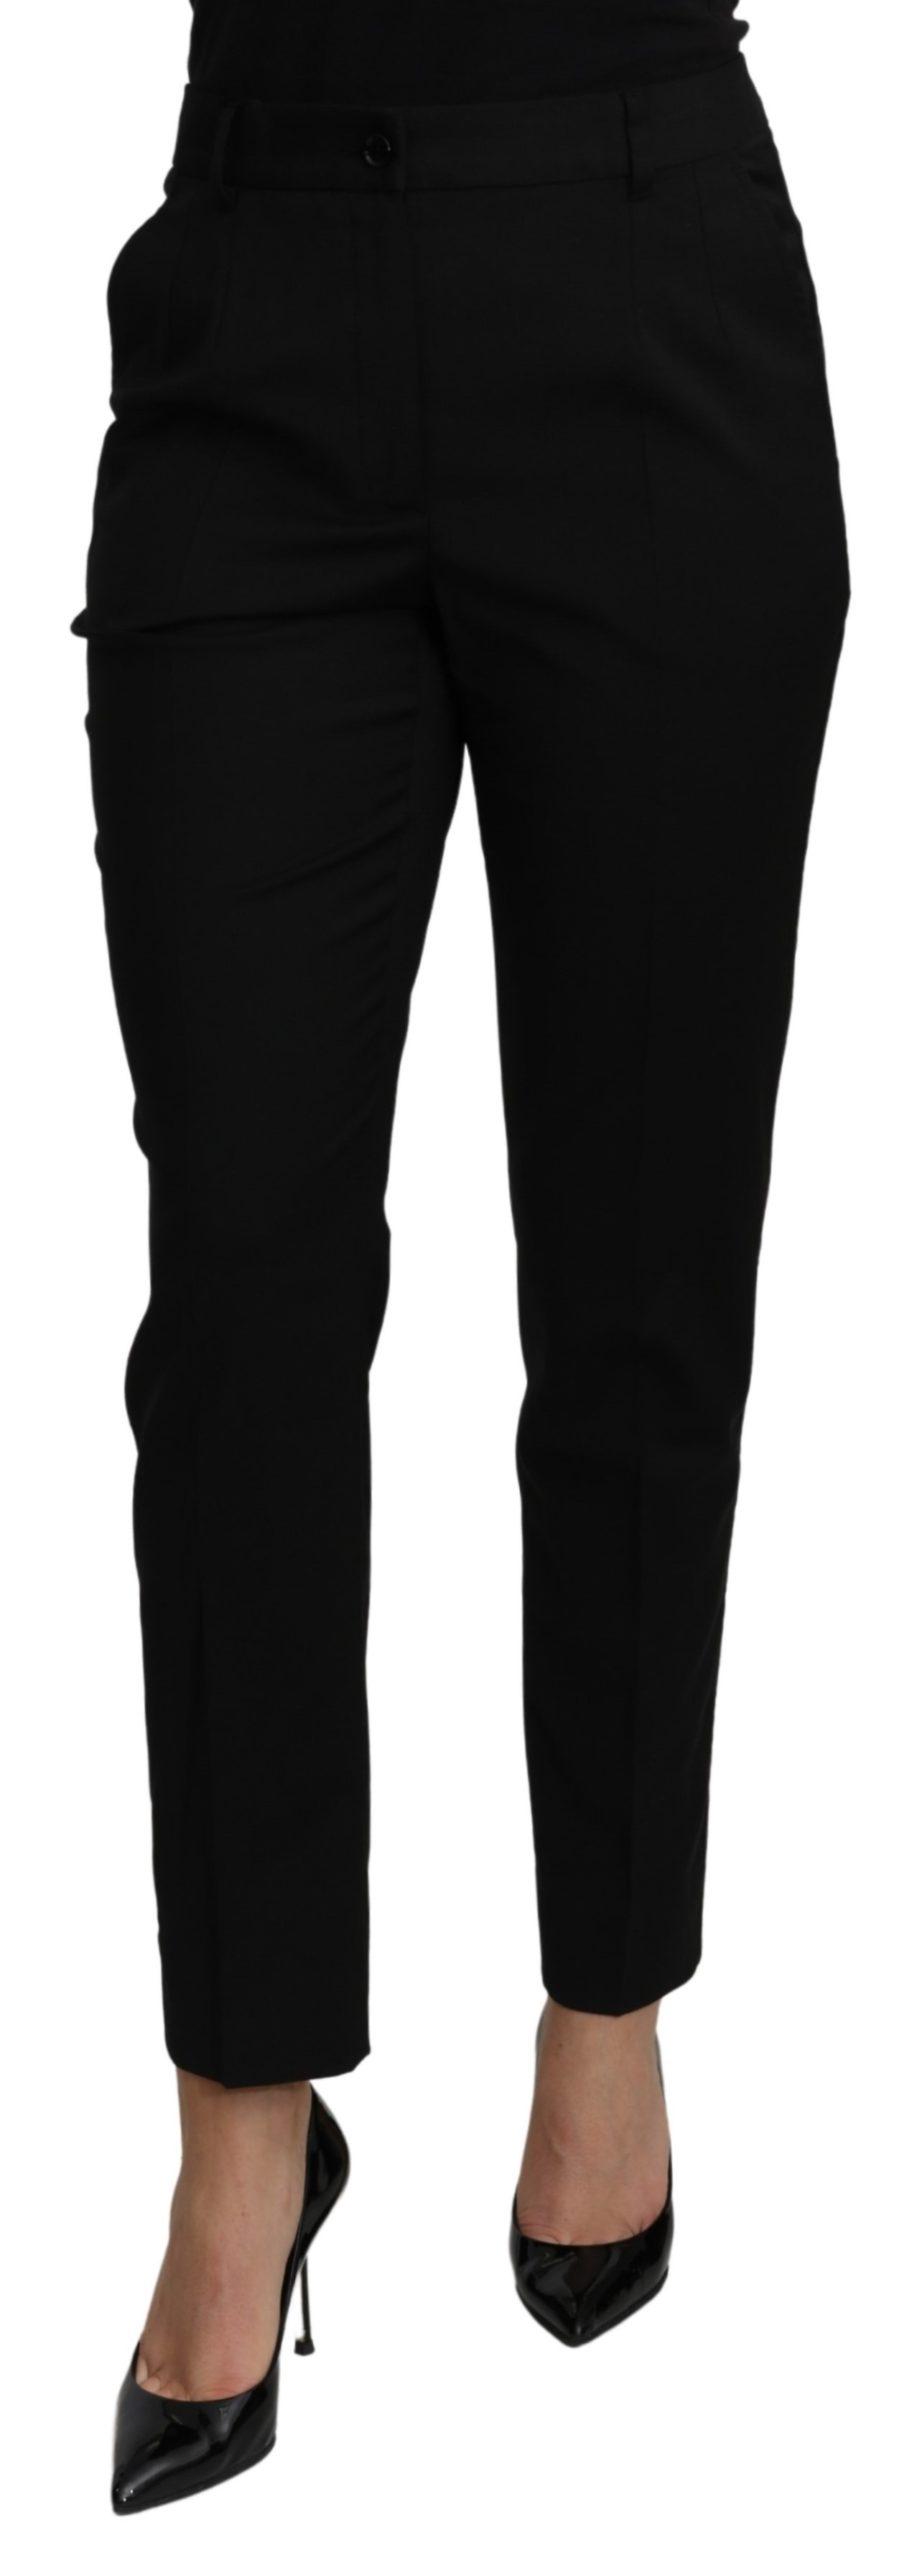 Dolce & Gabbana Women's Tapered High Waist Dress Trouser Black PAN70973 - IT44 L